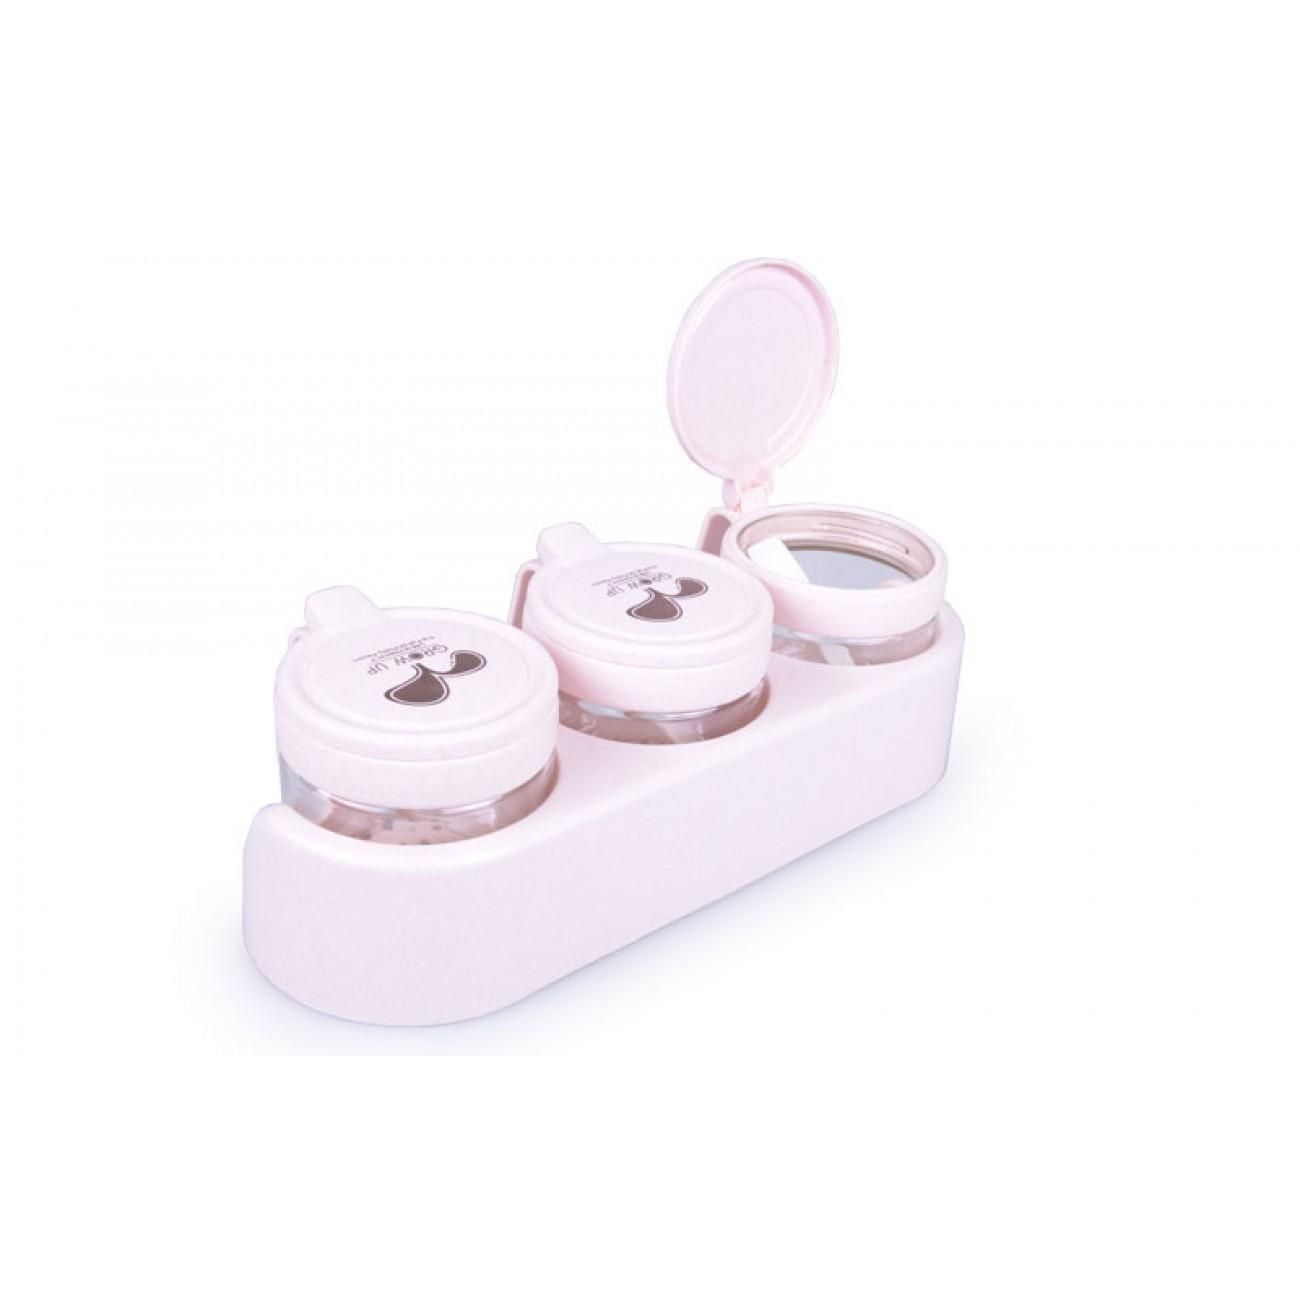 Σετ 3 βαζάκια μπαχαρικών - Ροζ - ΟΕΜ 34315